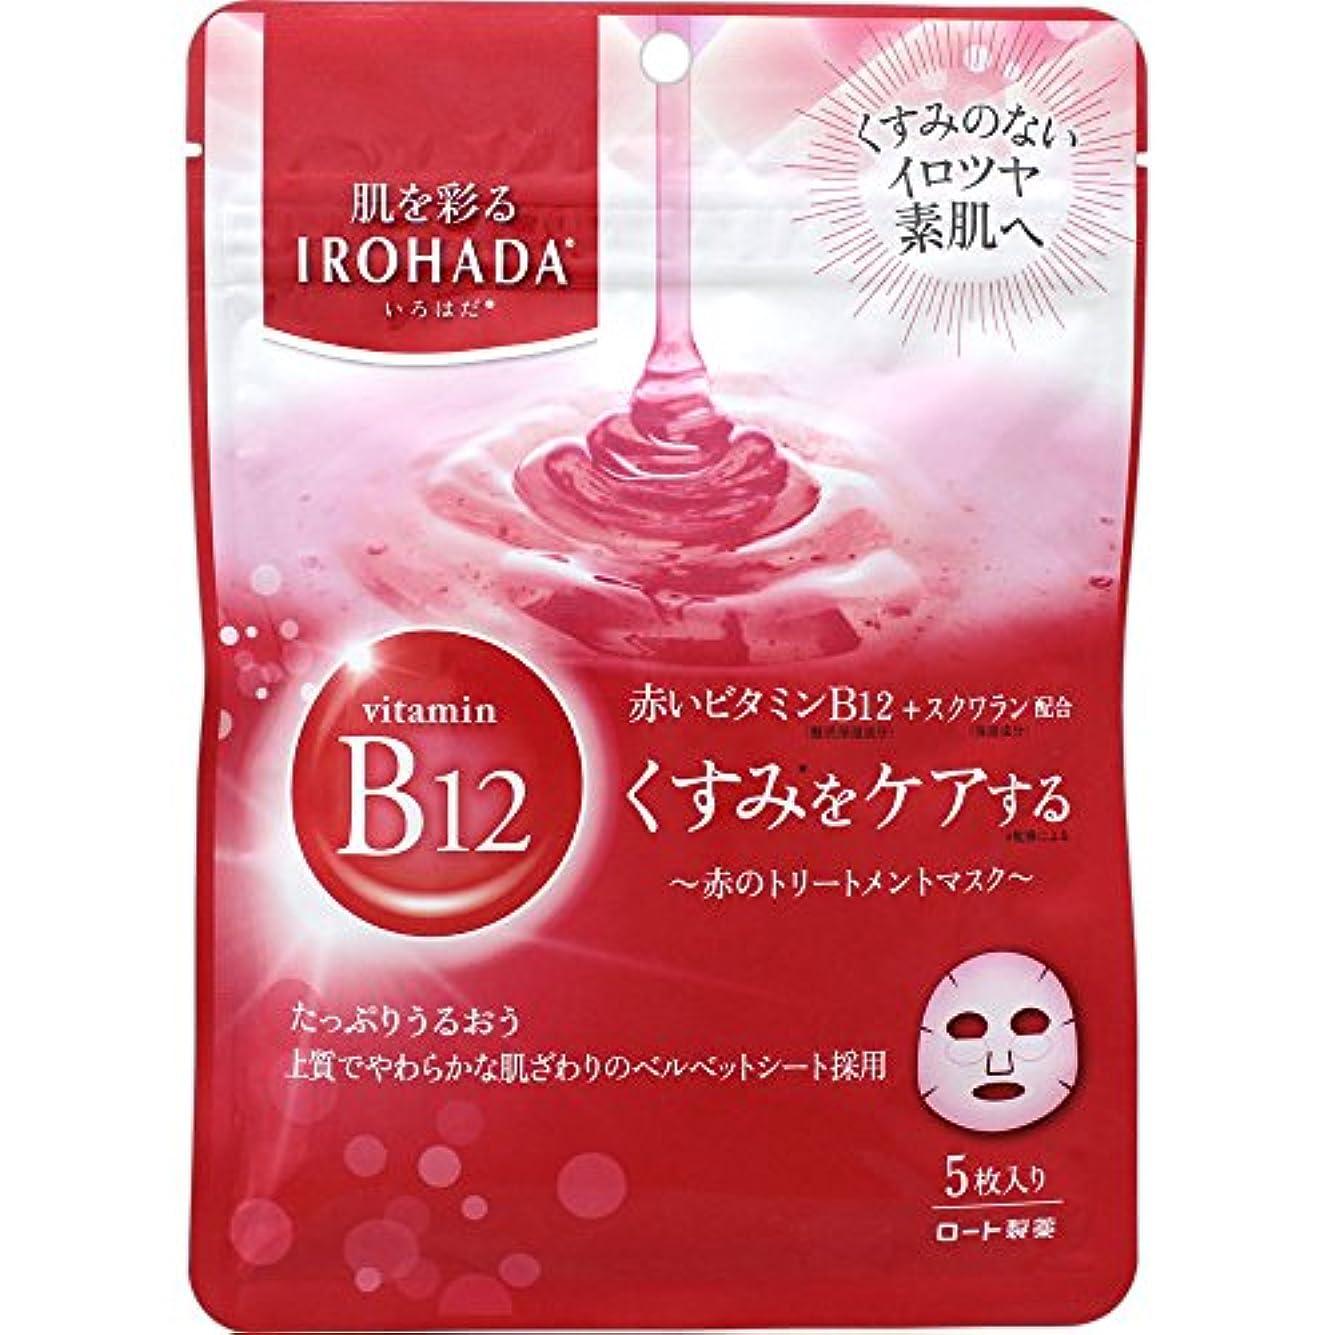 悪用銀河ピービッシュロート製薬 いろはだ (IROHADA) 赤いビタミンB12×スクワラン配合 トリートメントマスク 5枚入り